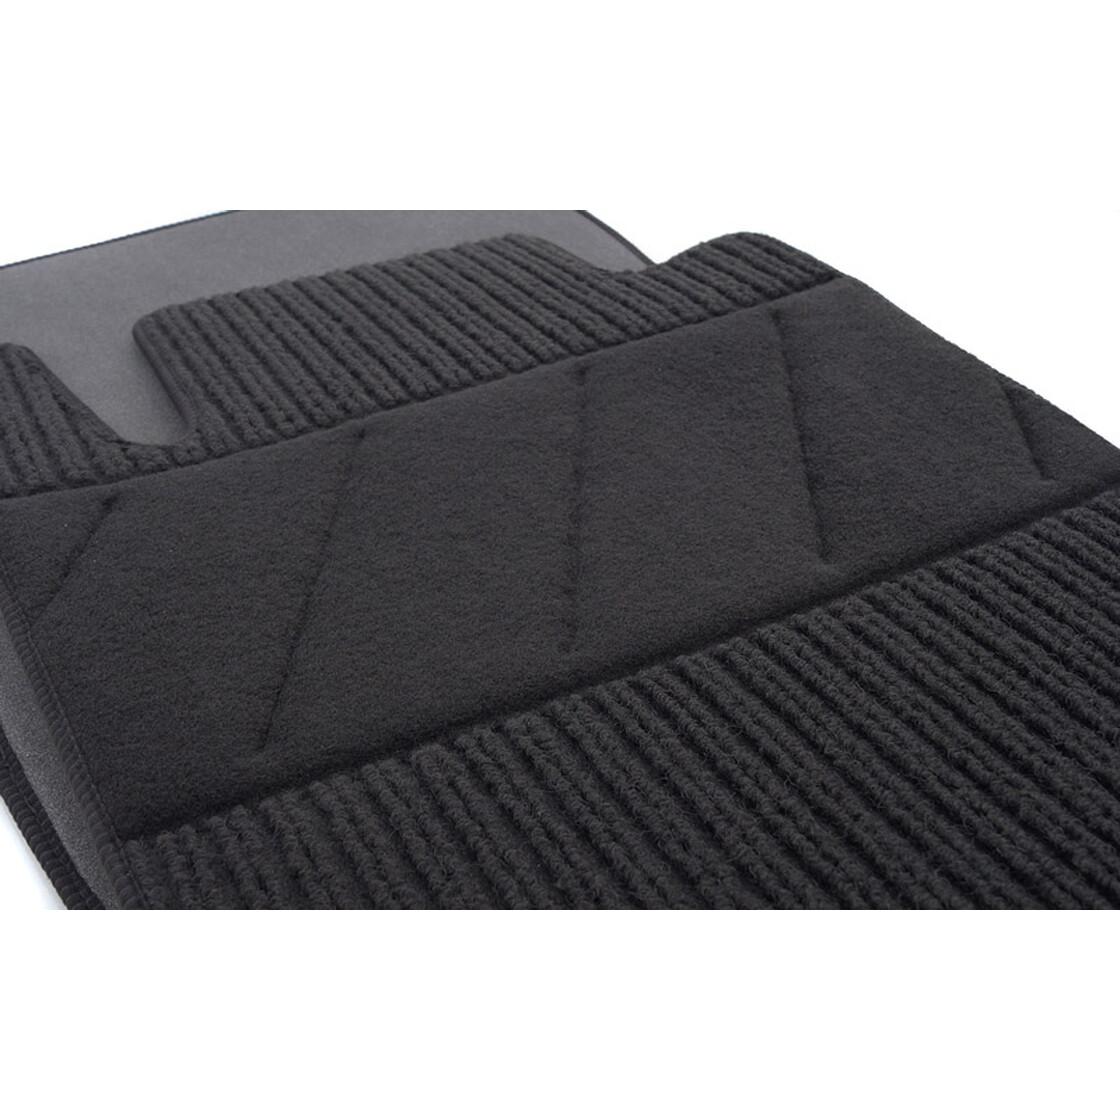 Fußmatten braun für Mercedes E-Klasse Cabrio//Coupe C207 ab 06.12 ECHTLEDERRAND b